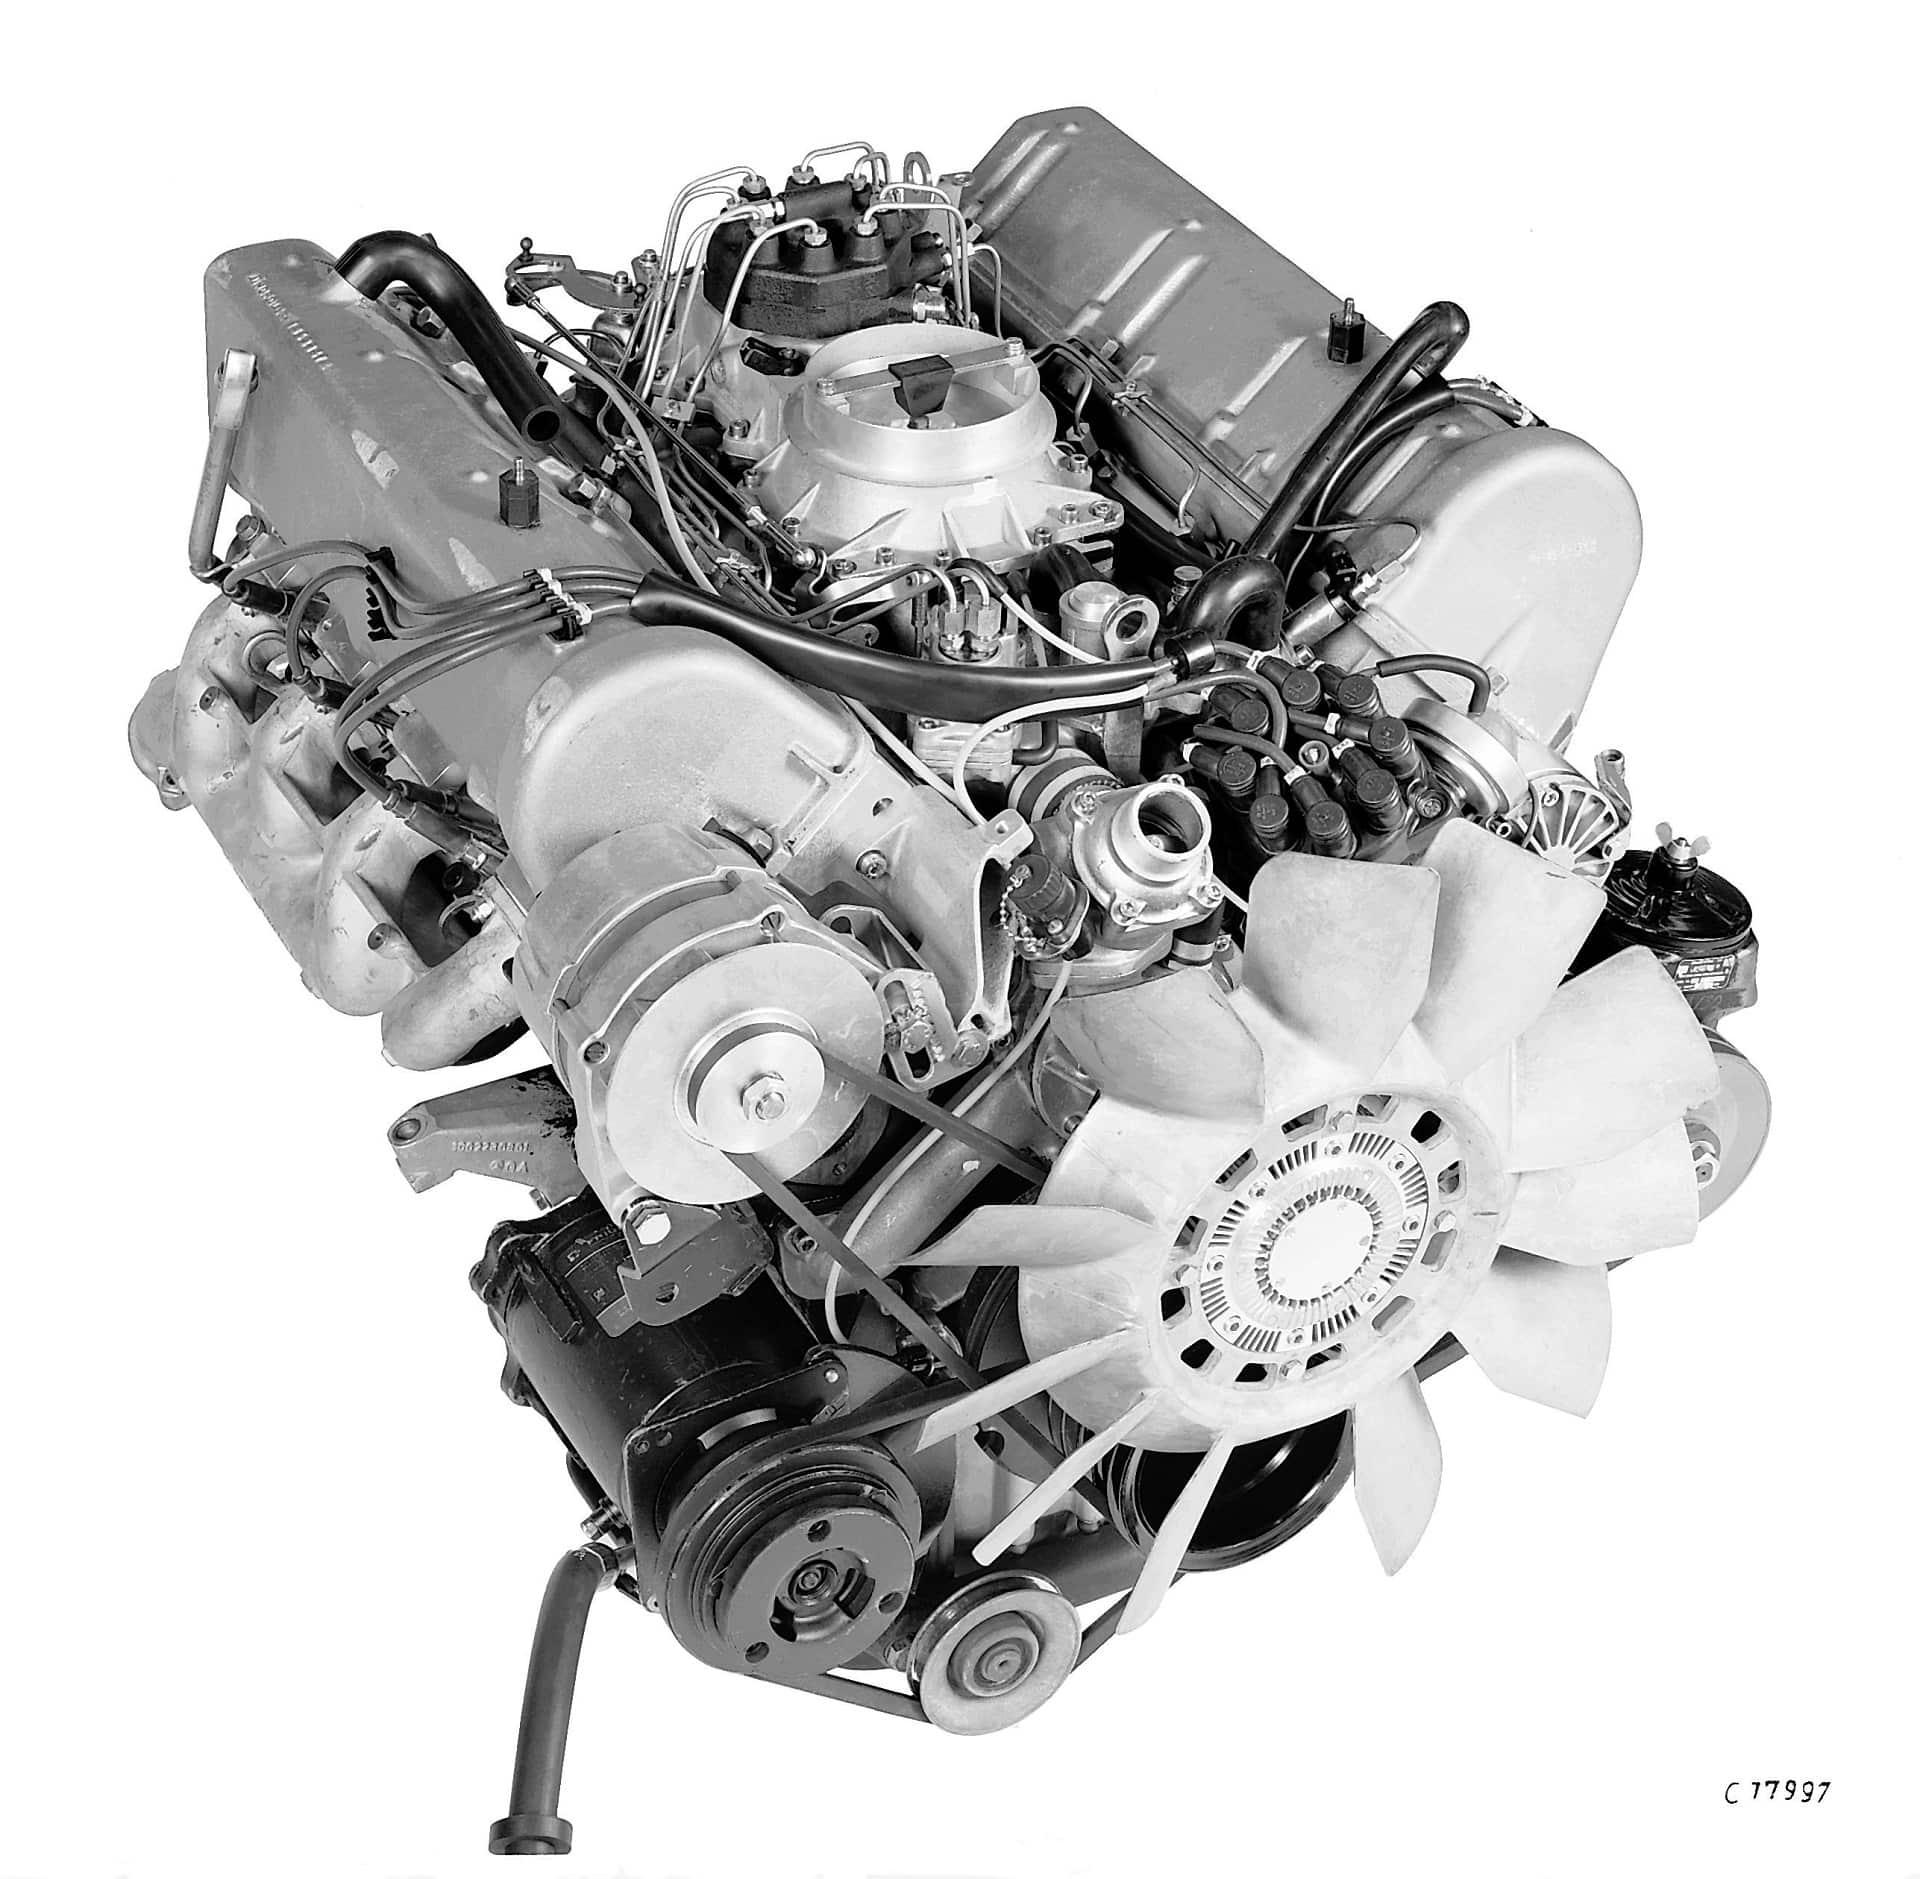 Mercedes-Benz Motor Typ 450 SEL 6.9 Liter aus dem Jahre 1975